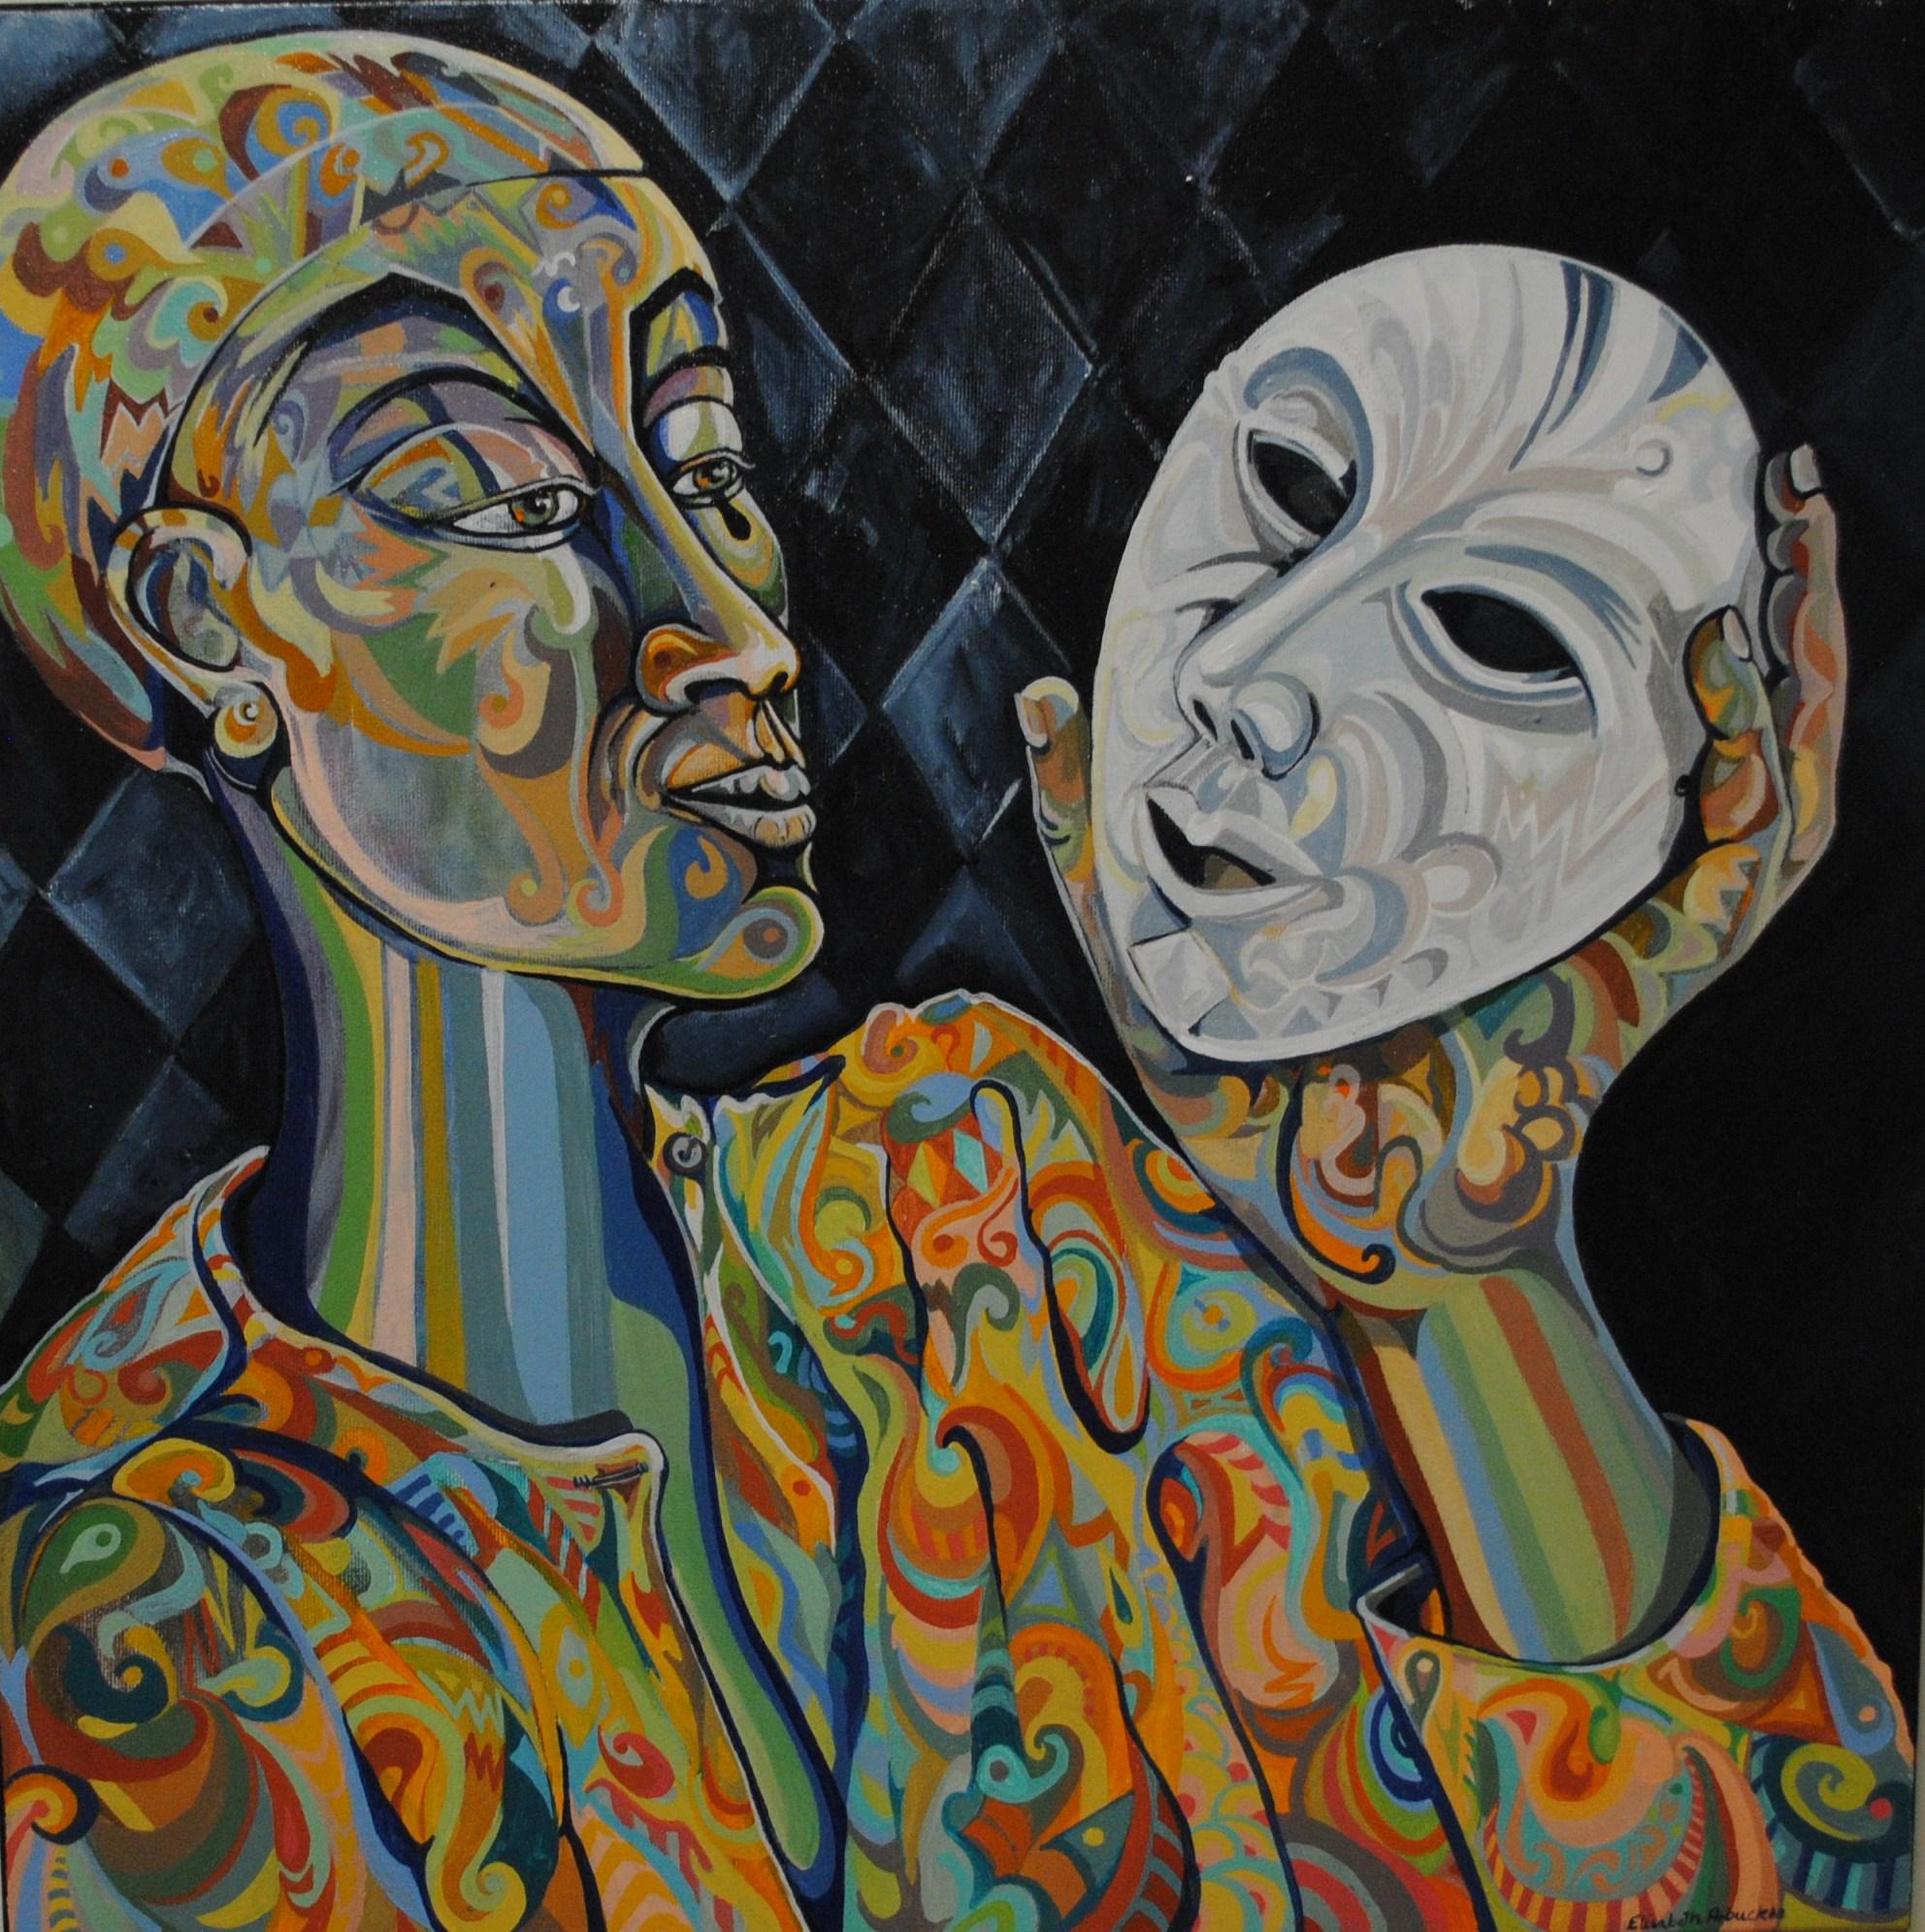 The Masks We Wear   SOLD